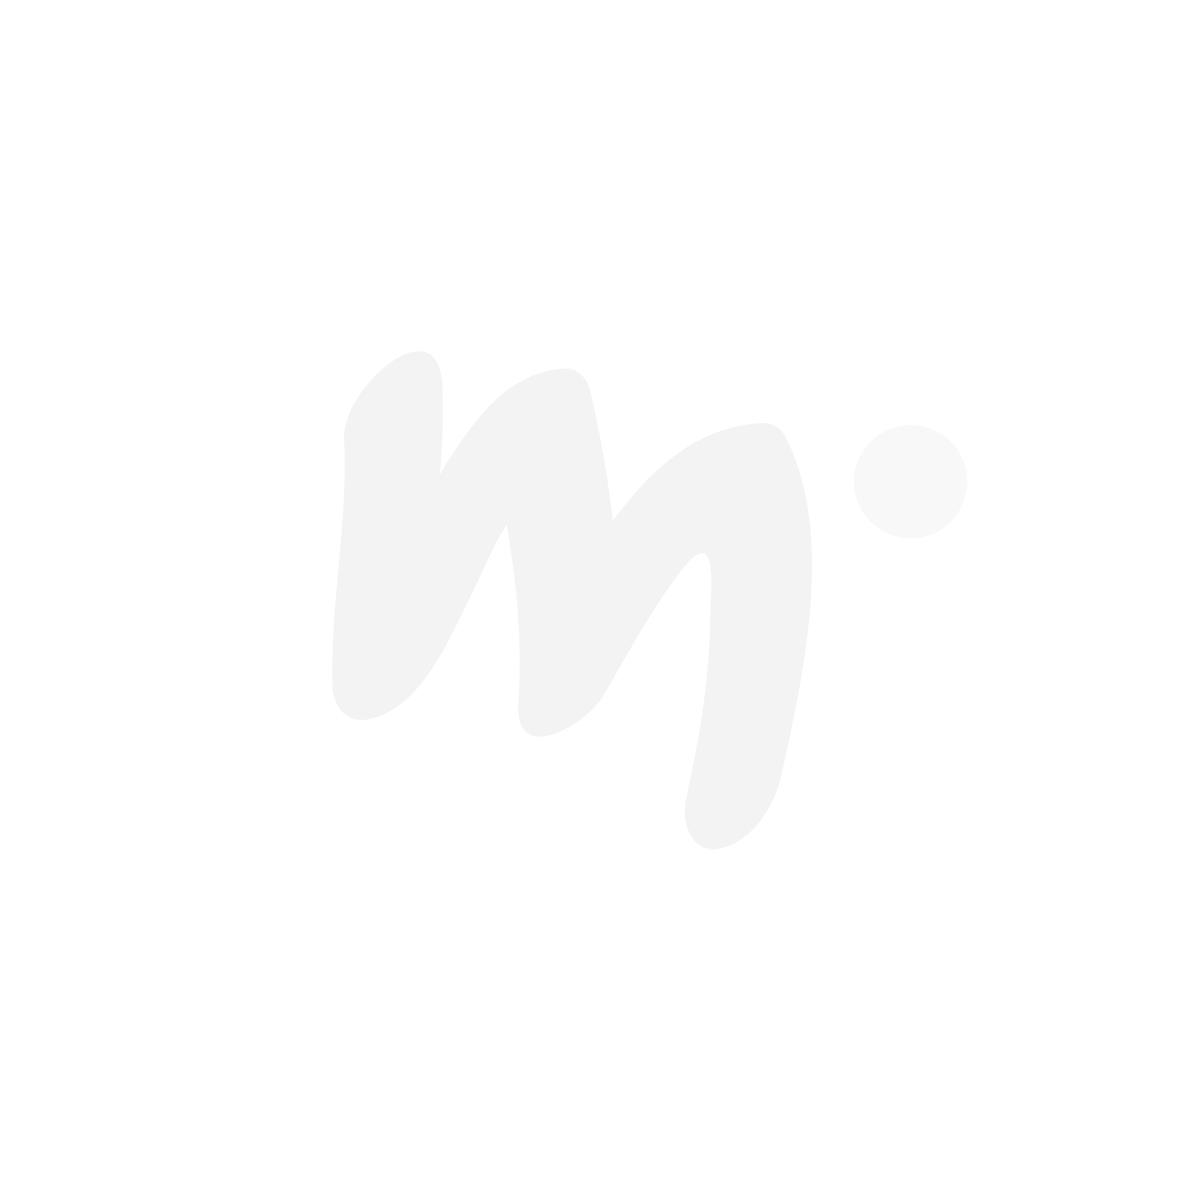 Peppi Pitkätossu Riemukas-haalari punainen